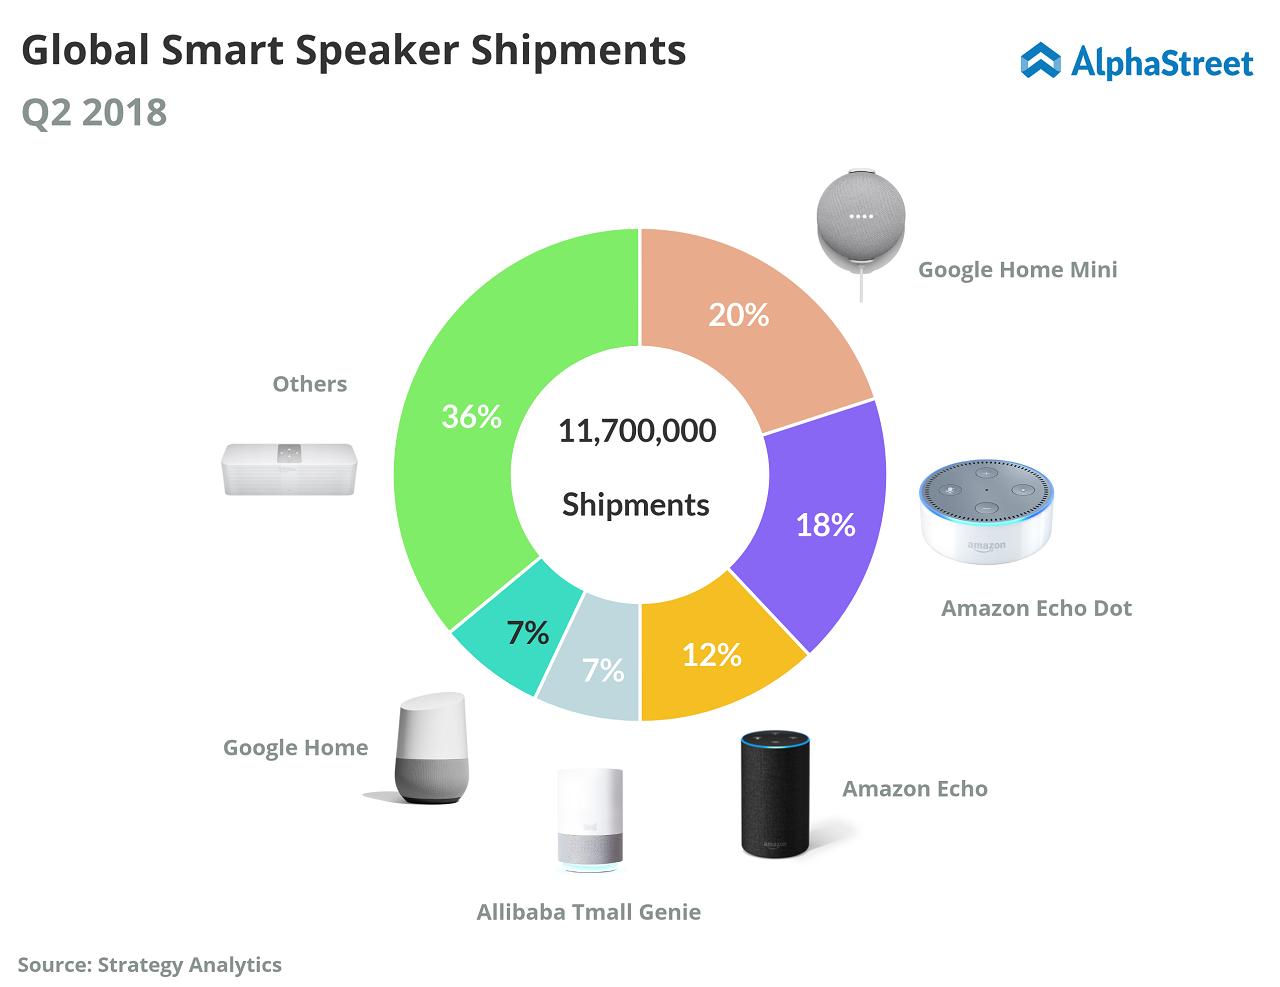 Global Smart Speaker Shipments